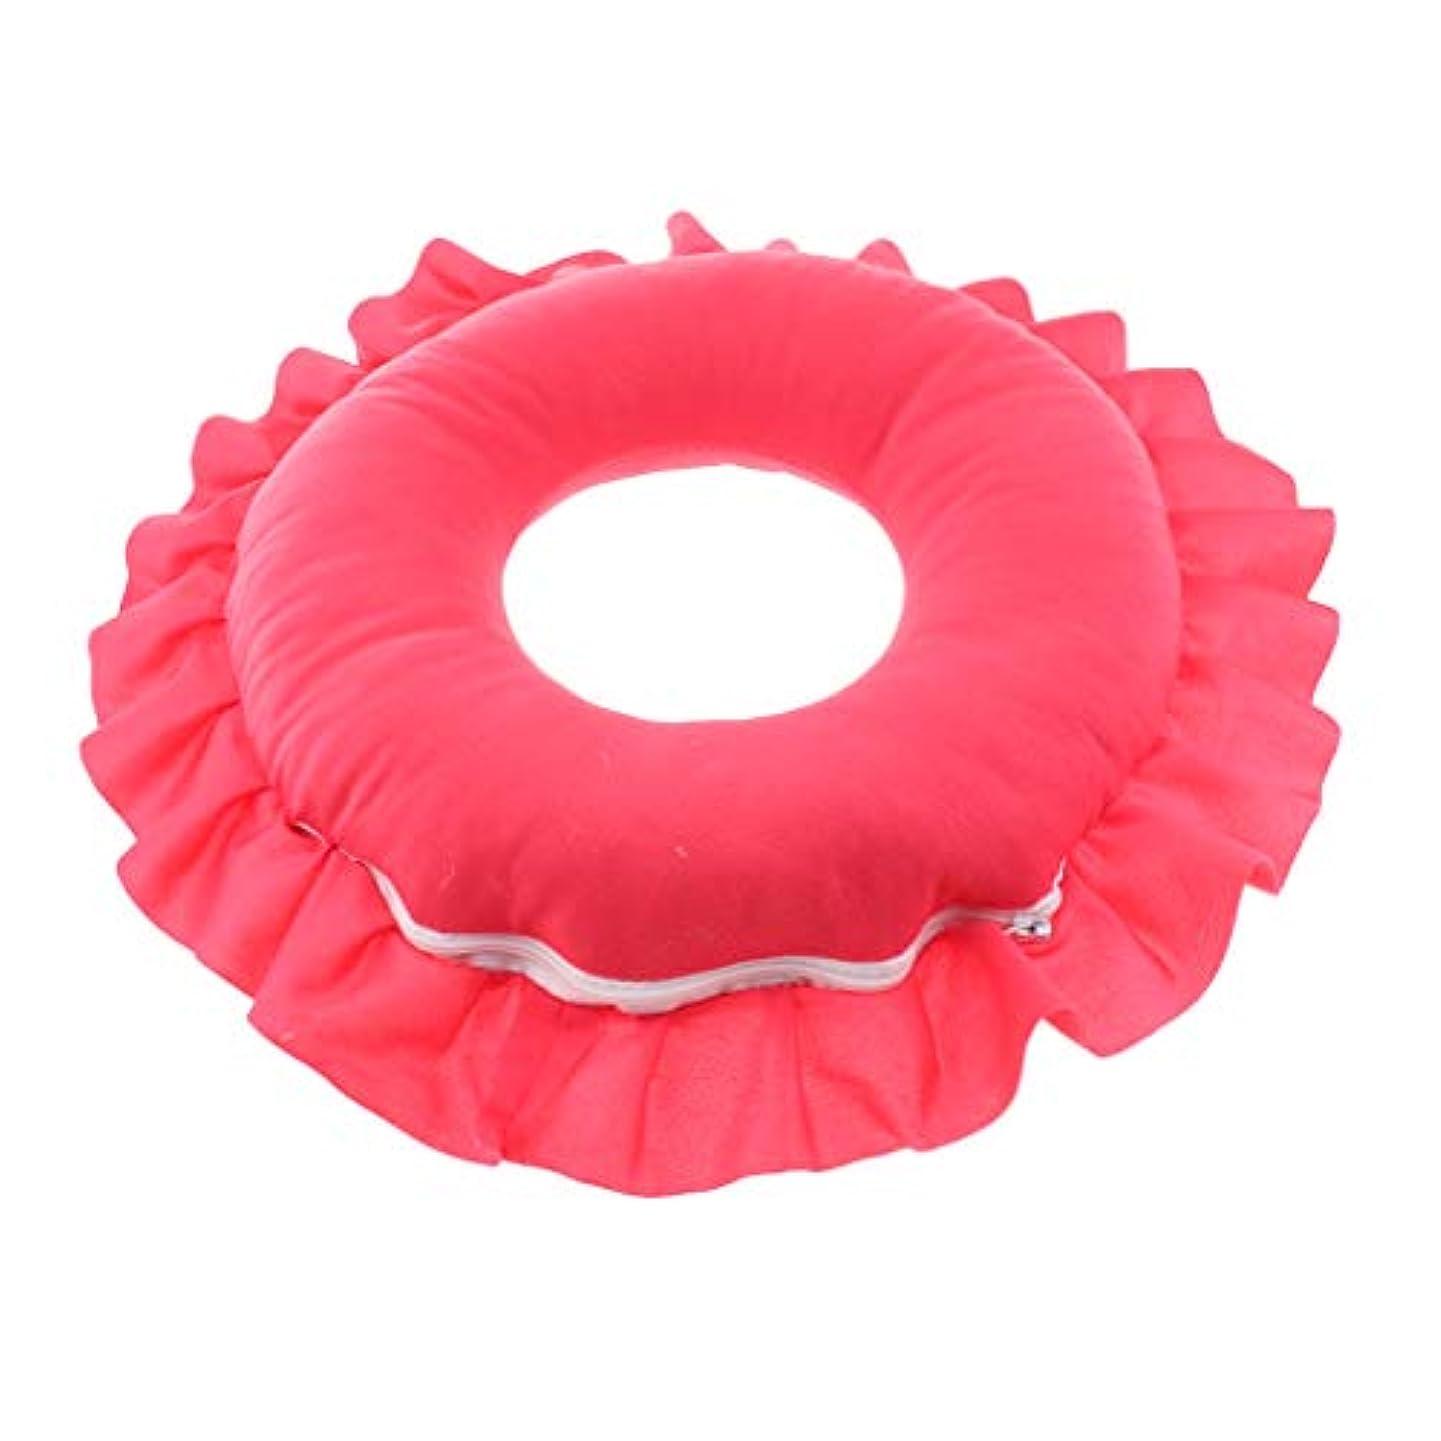 みがきますロンドン対象全4色 洗えるピロー フェイスピロー 顔枕 マッサージベッド 美容院 ソフト 軽量 快適 - 赤